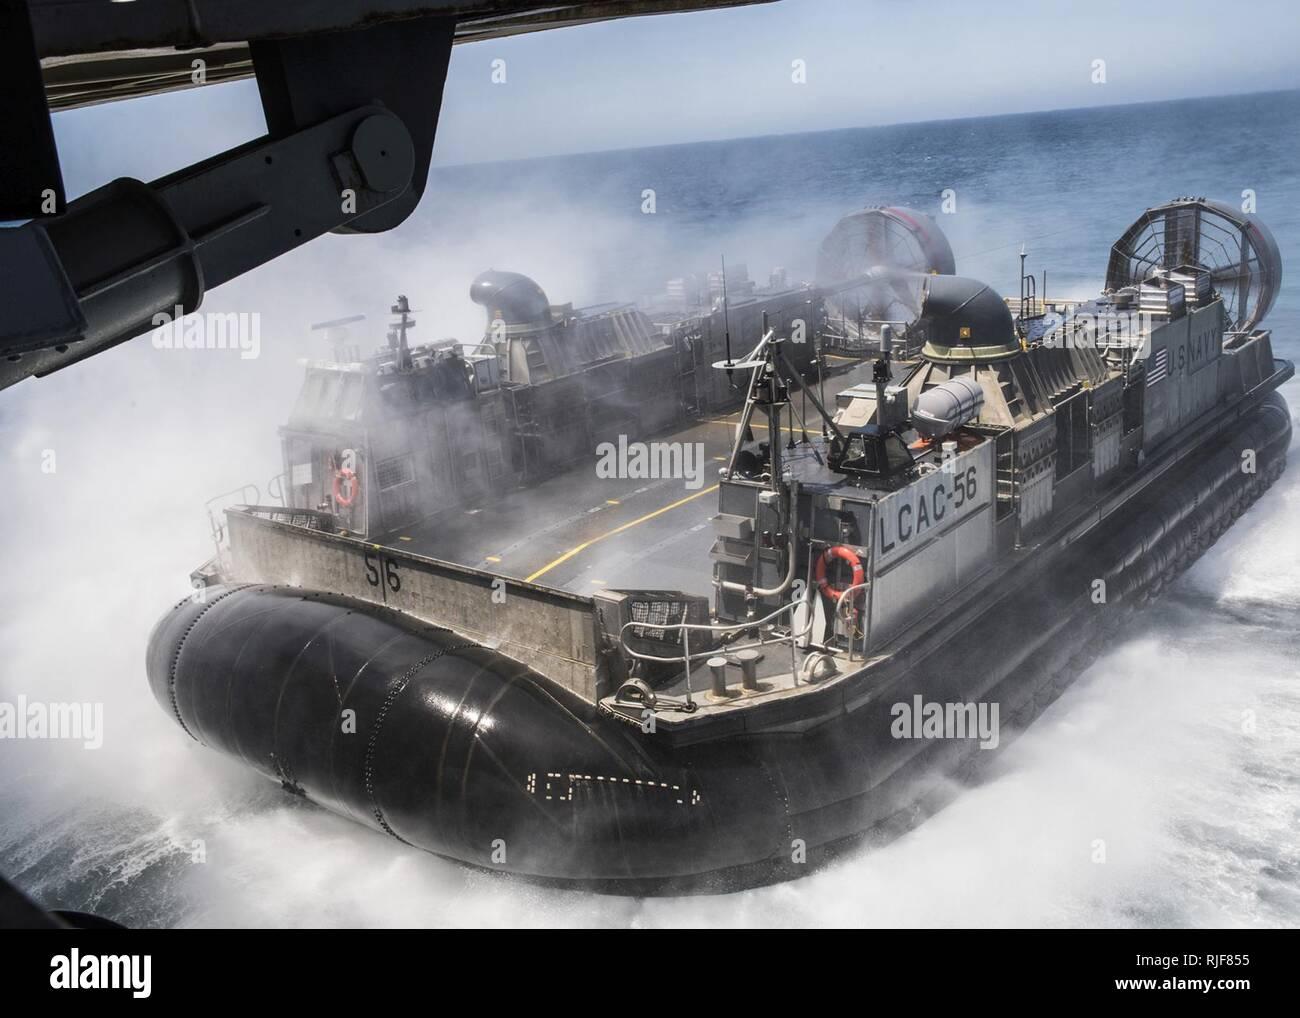 CAMP PENDLETON (20. Juli 2016) eine Landing Craft air cushion (LCAC) Fahrzeug bereitet sich auf das Deck des amphibious Transport dock Schiff USS Essex (LPD 25) während einer gut Deck onload-Funktion als Teil der PHIBRON-MEU integrierte Ausbildung (PMINT), geben Sie ein Szenario-basierte Amphibischen integration Übung mit Amphibischen Staffel fünf und der 11 Marine Expeditionary Unit als Teil der Makin Island Amphibious Ready Gruppe (MKIARG). Stockfoto